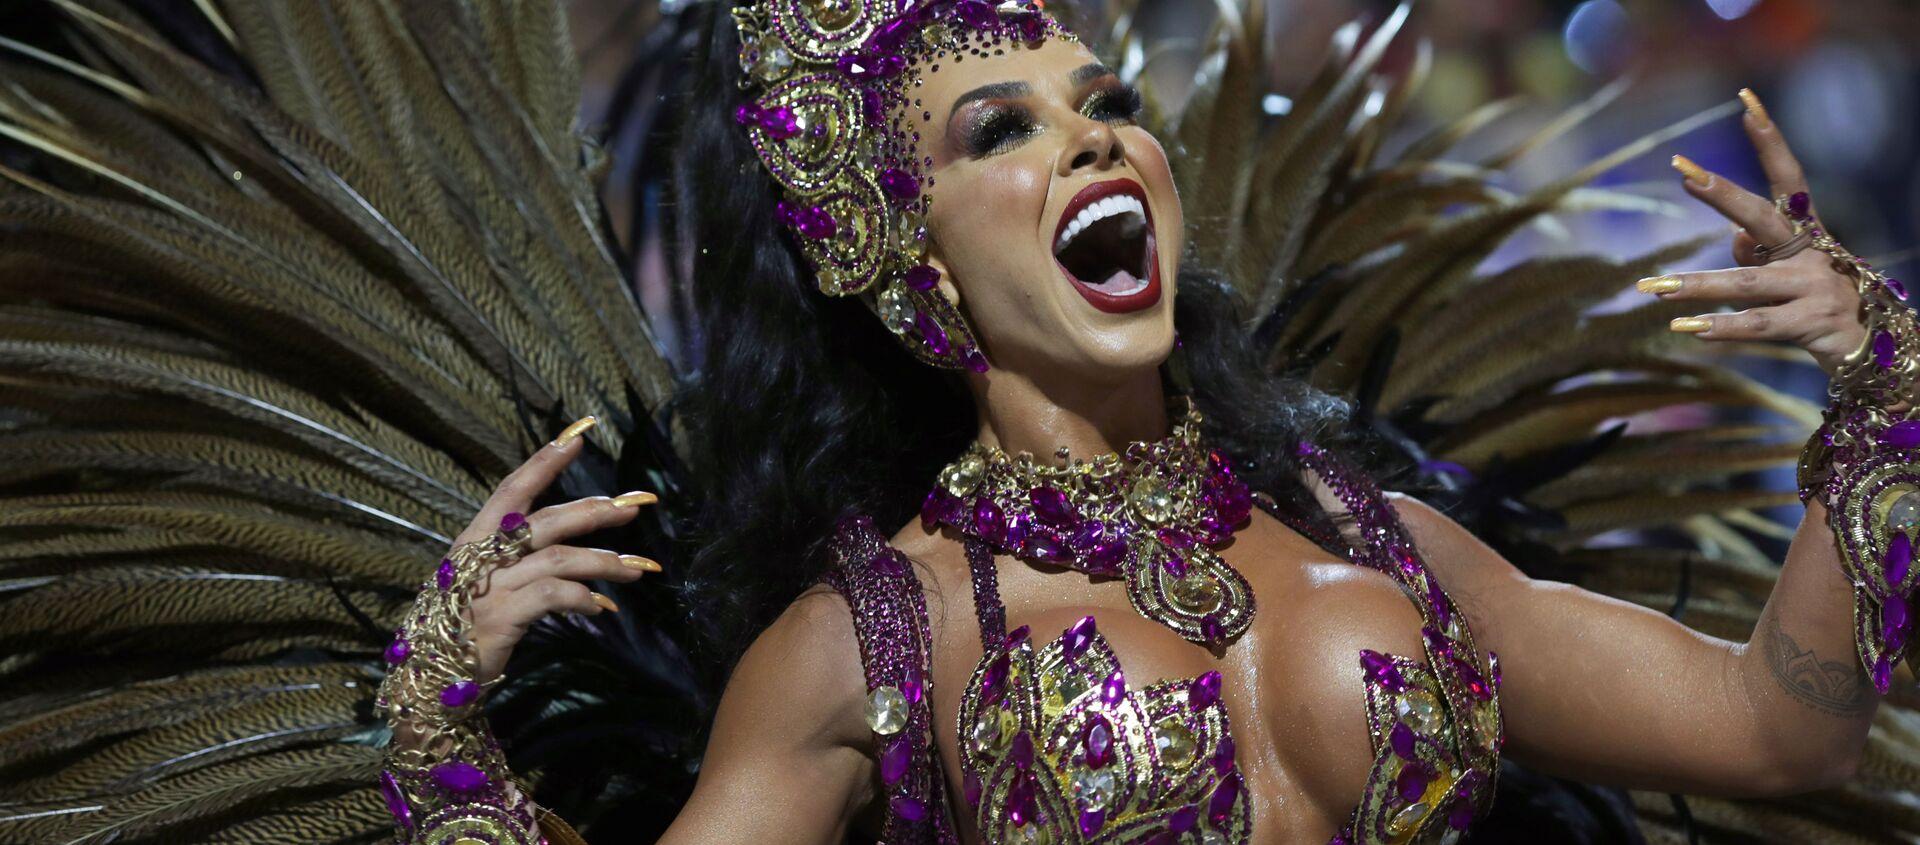 Scuola di samba Barroca Zona Sul si esibisce durante la prima notte del Carnevale al Sambadrome di San Paolo, Brasile, il 21 febbraio 2020 - Sputnik Italia, 1920, 22.02.2020